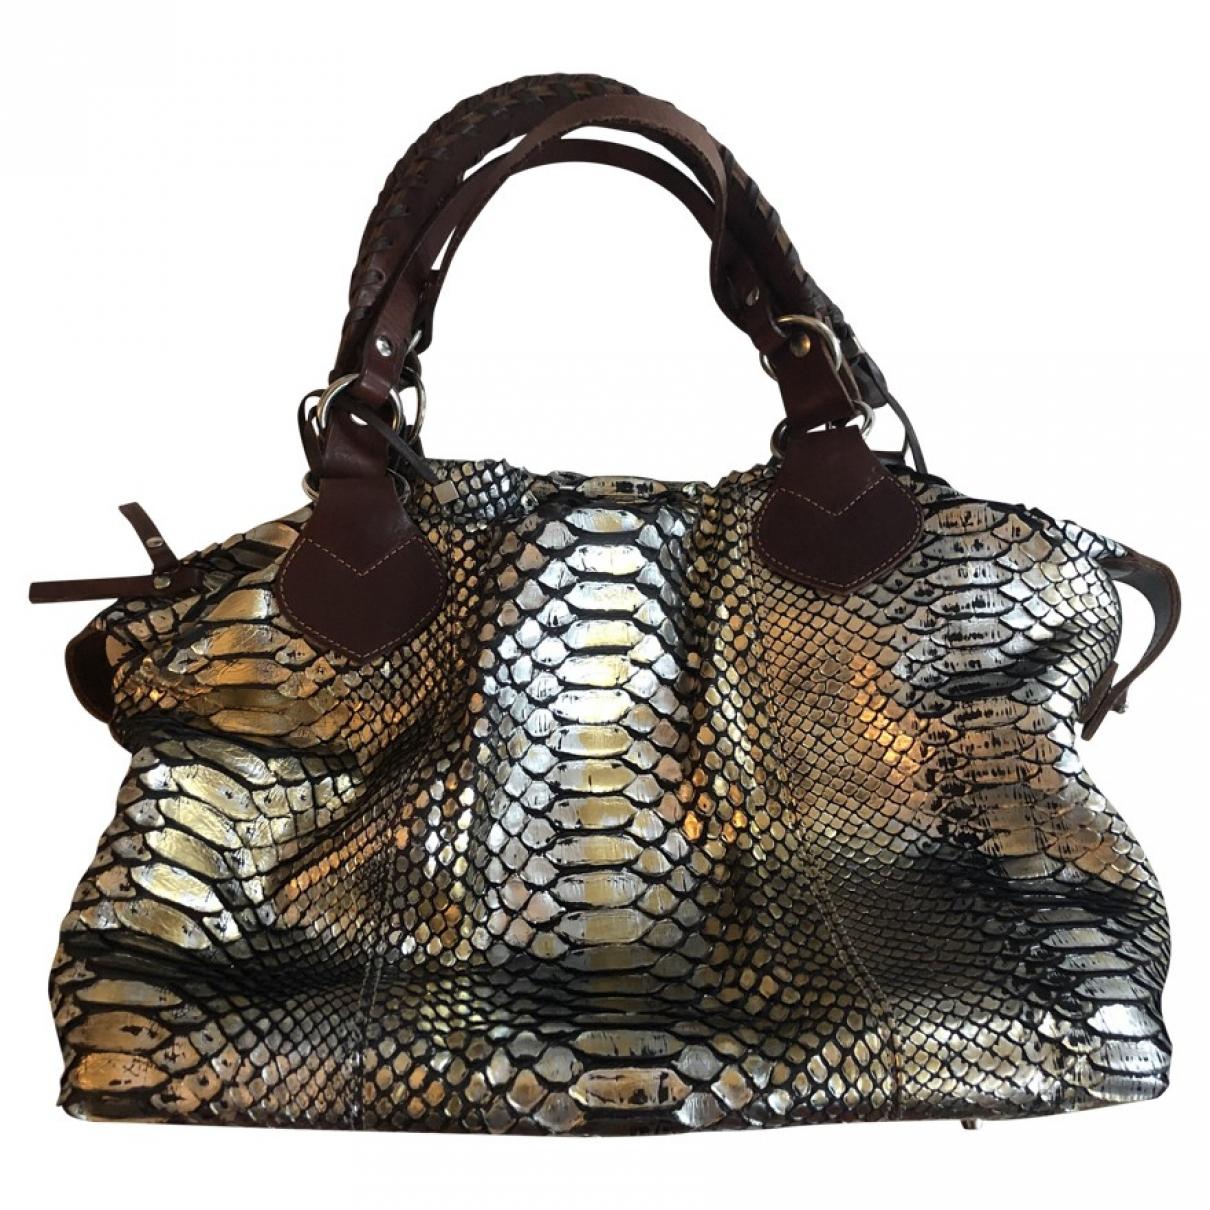 Pauric Sweeney \N Handtasche in  Metallic Python